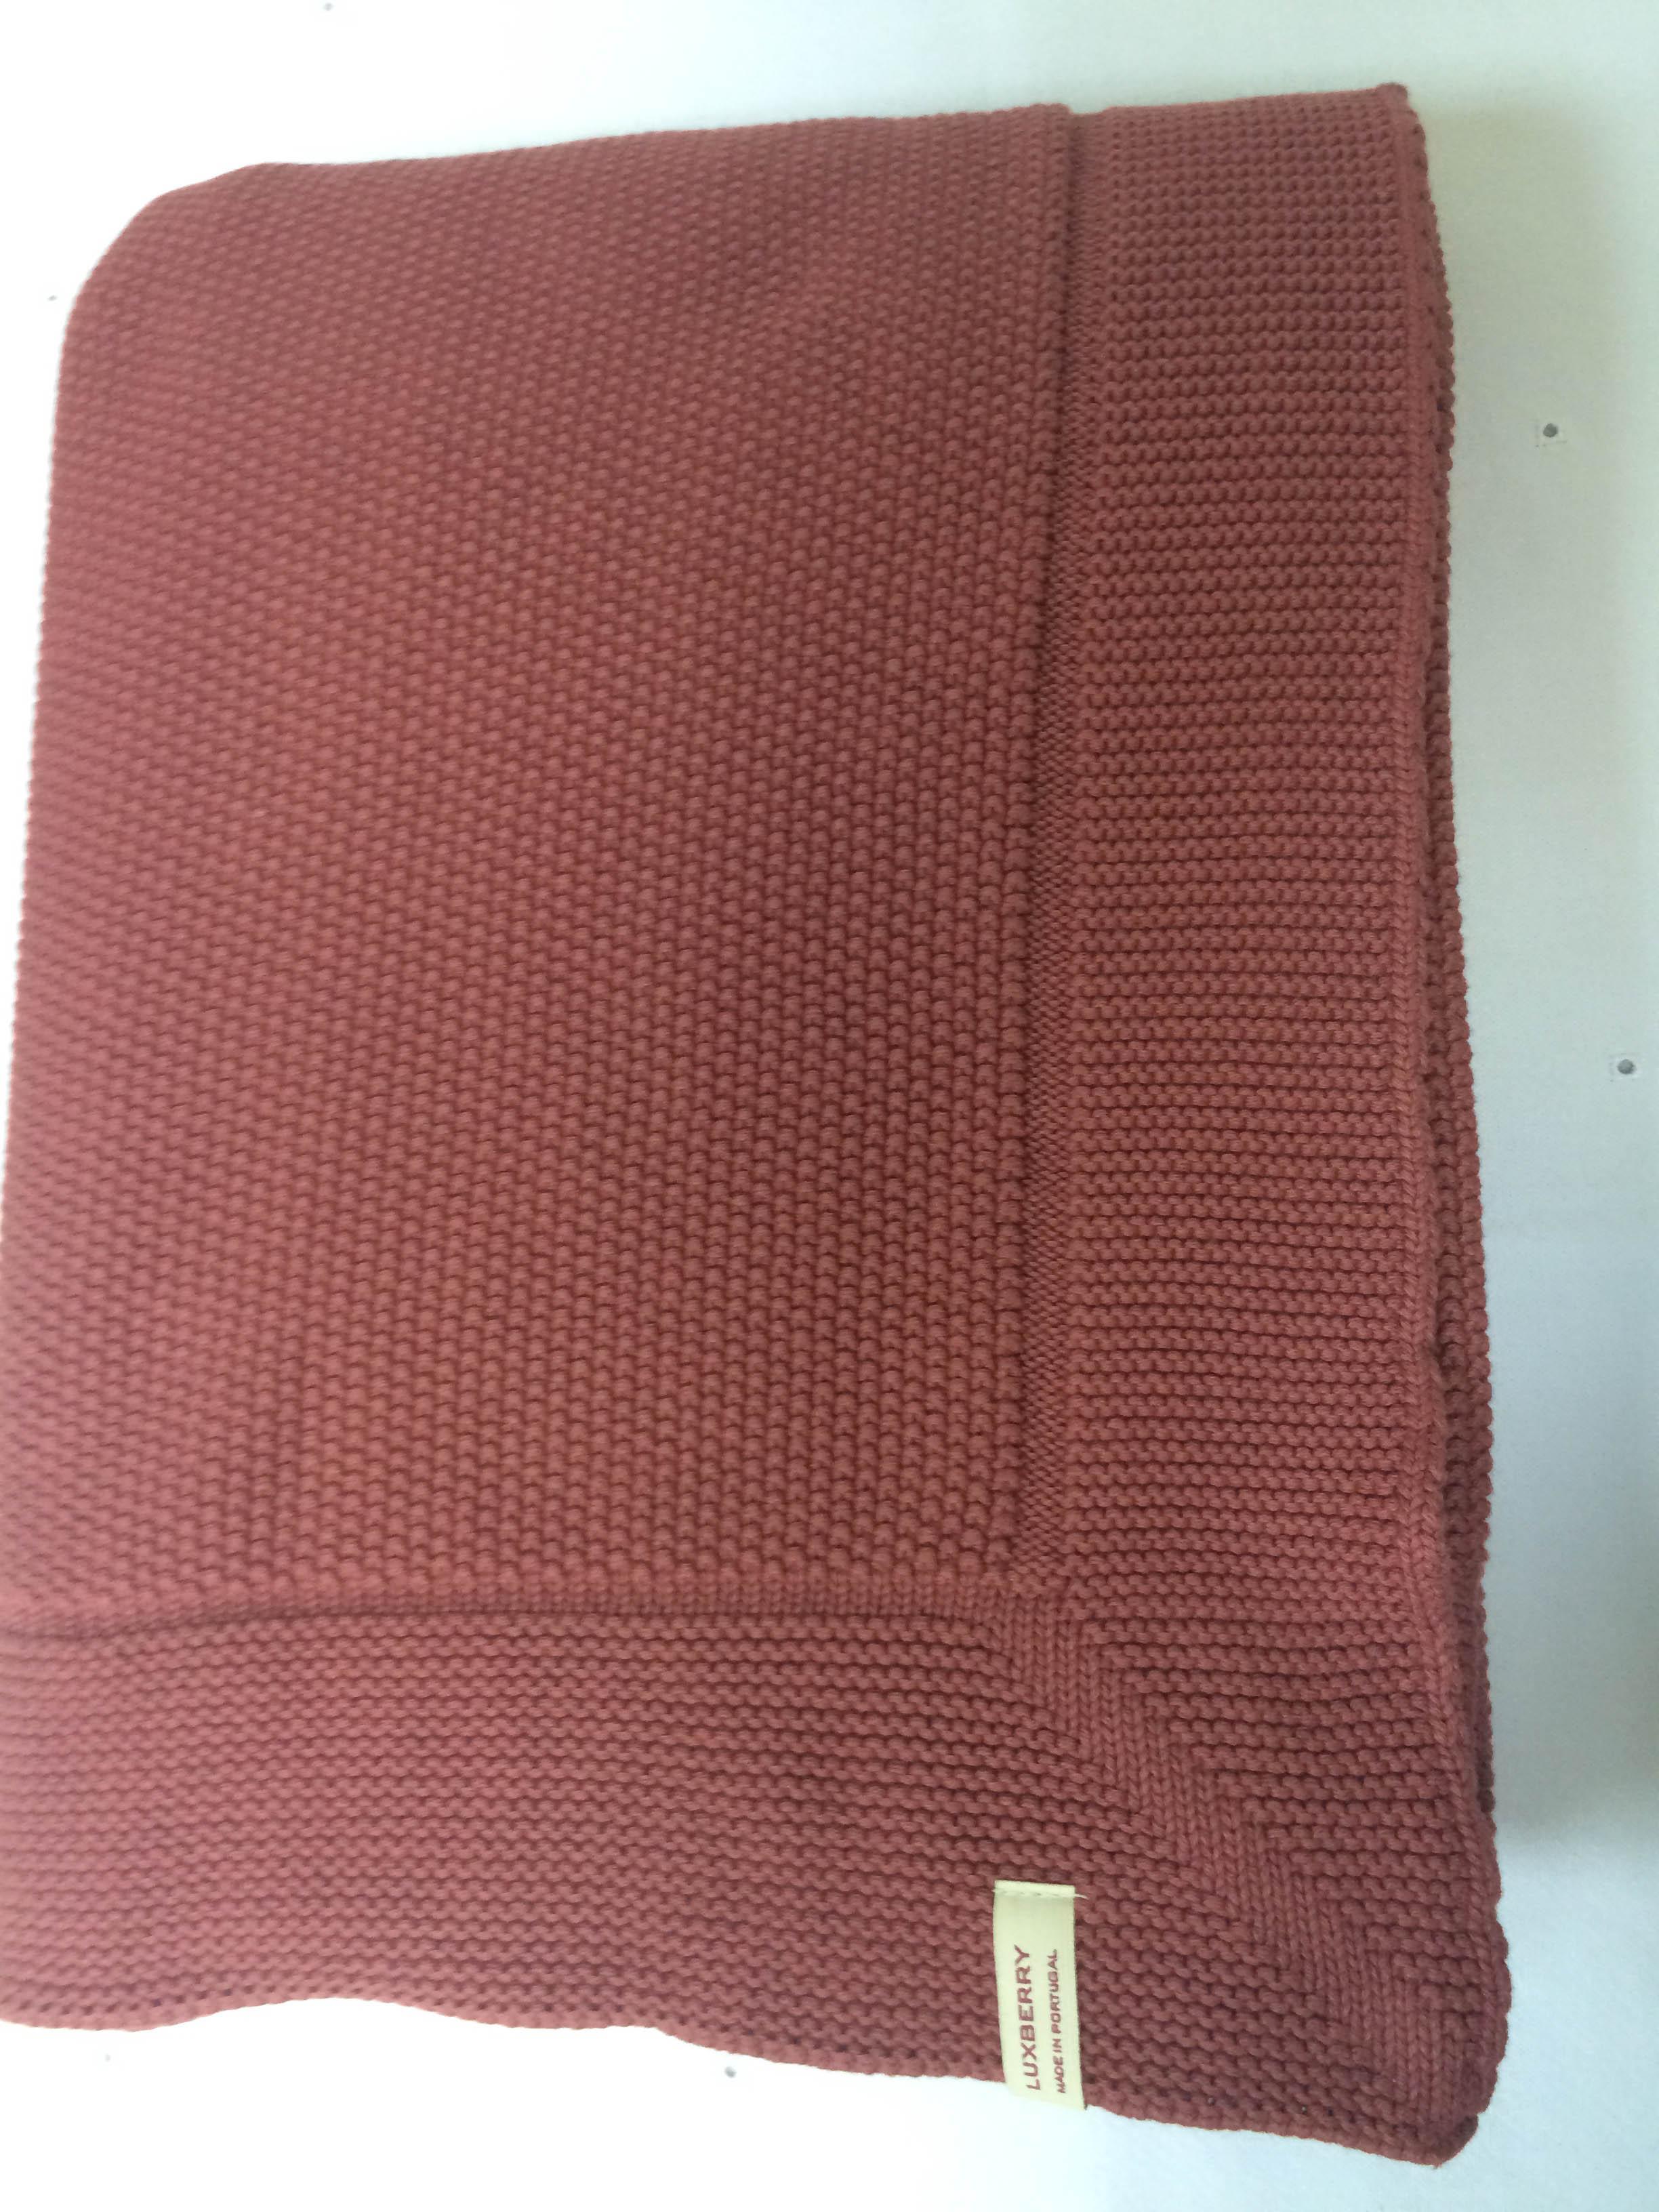 Плед Luxberry Плед Lux42 Цвет: Терракотовый                                                                                                                      (150х200 см) плед luxberry imperio 10 умбра